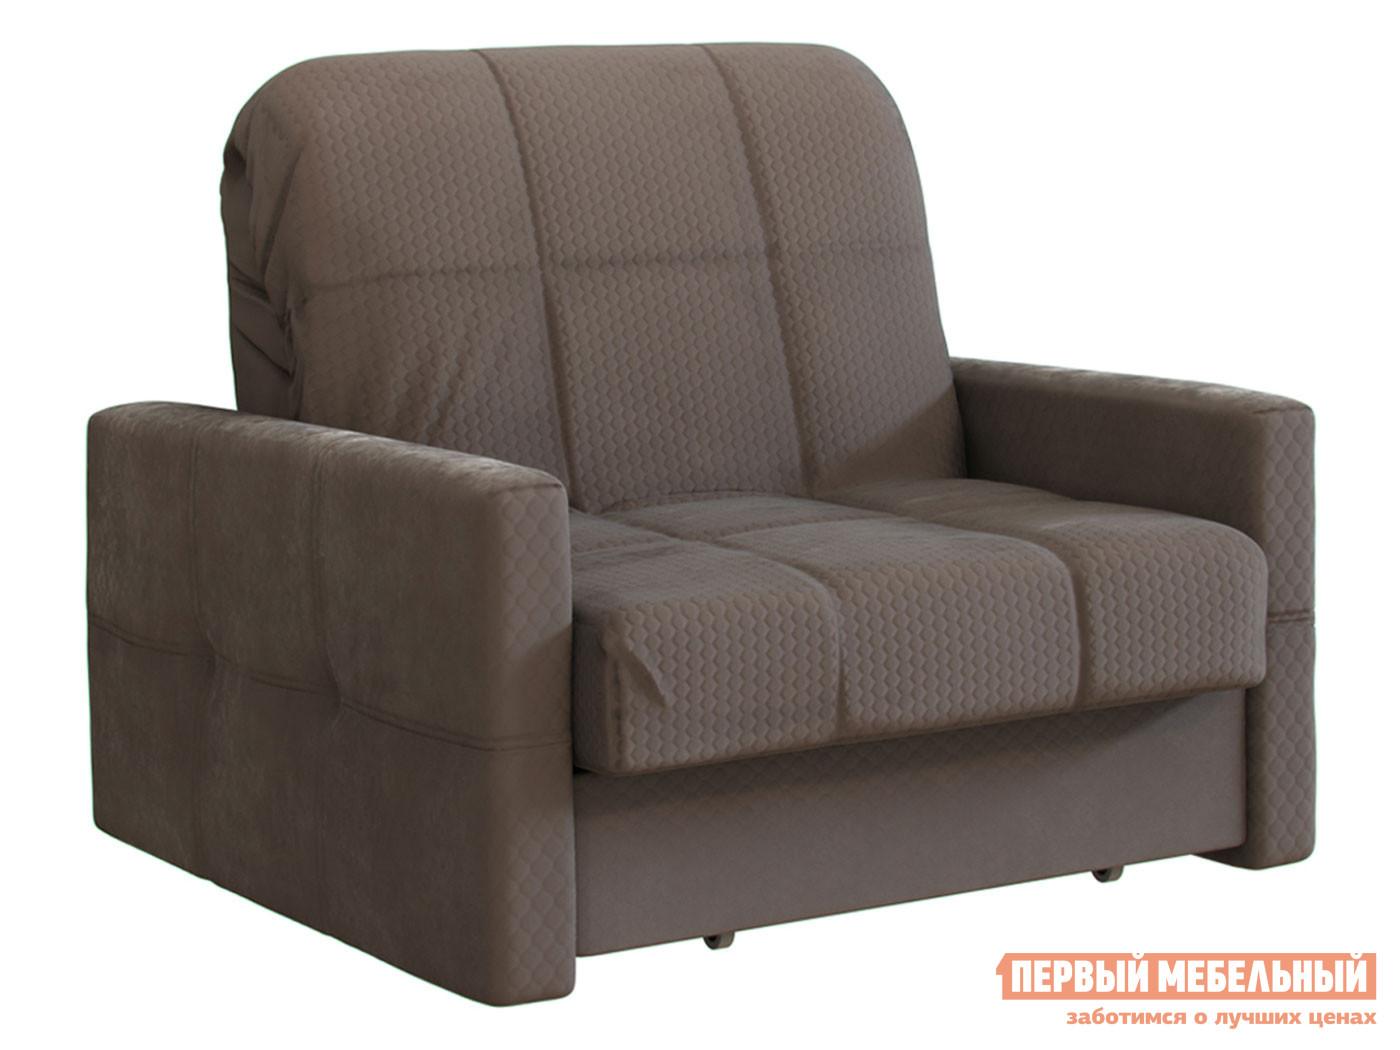 Кресло-кровать Первый Мебельный Кресло-кровать Неро / Кресло-кровать Неро Люкс